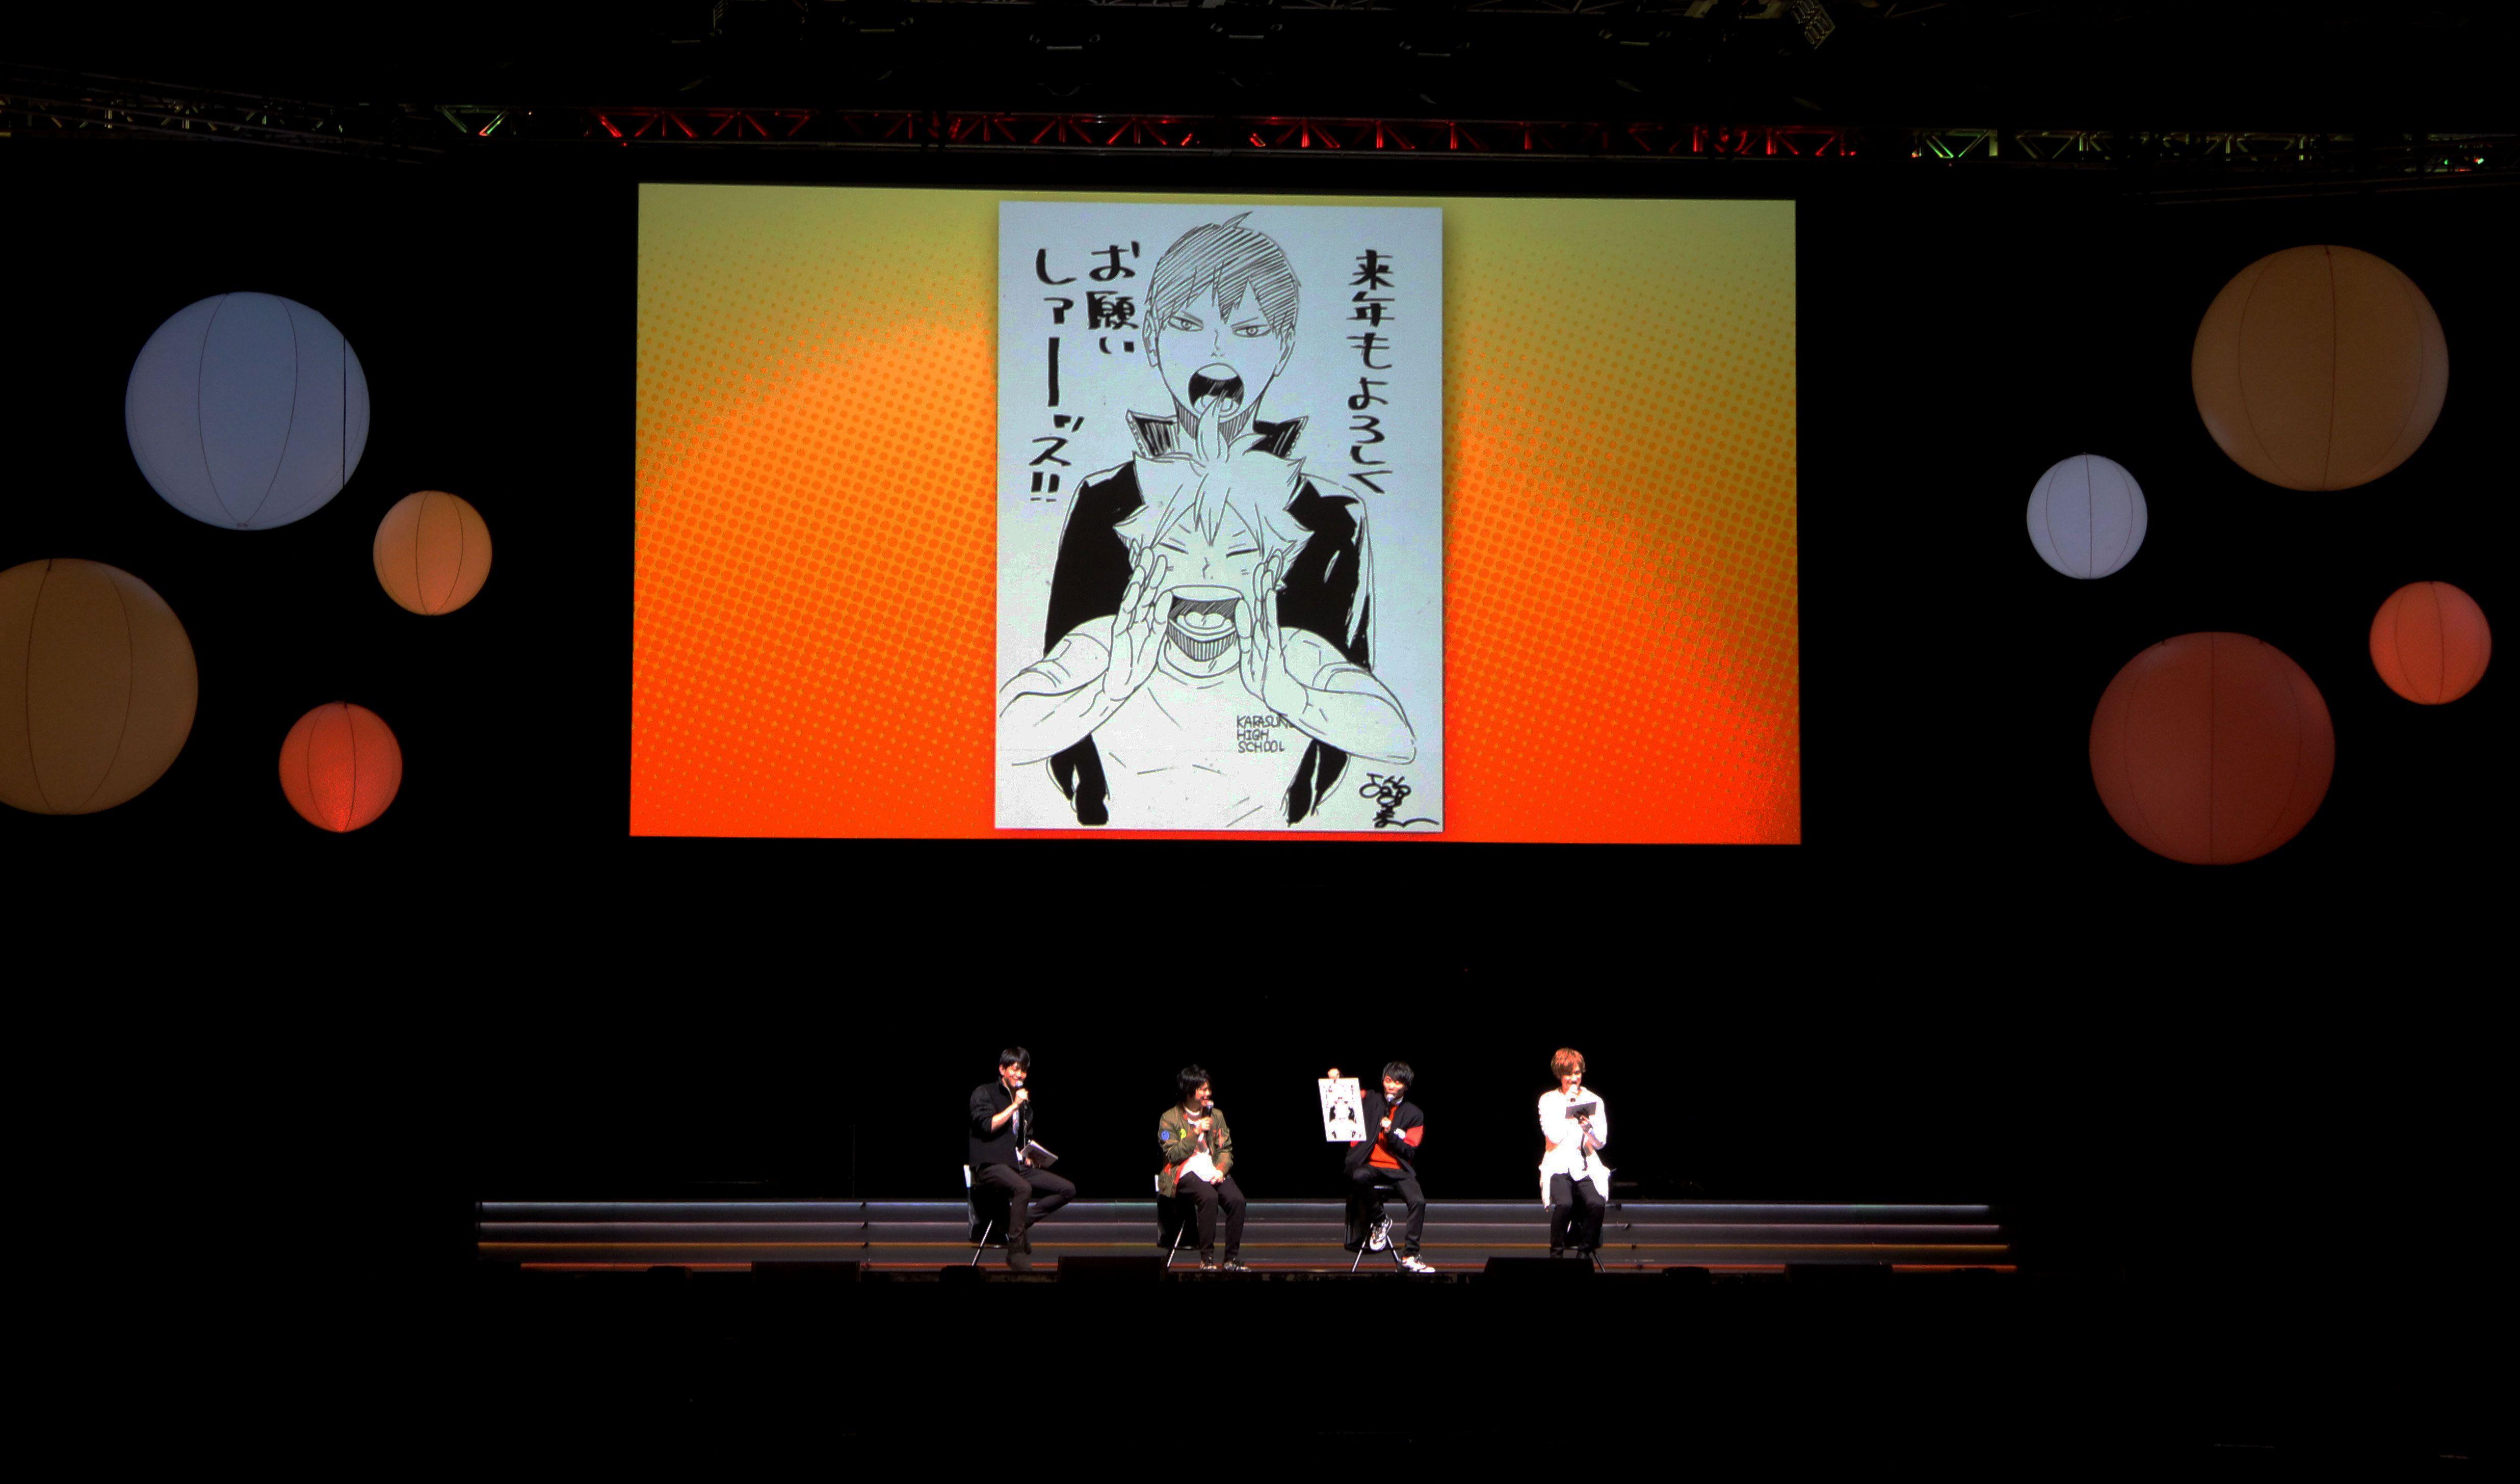 ボード「Manga Event Report」のピン